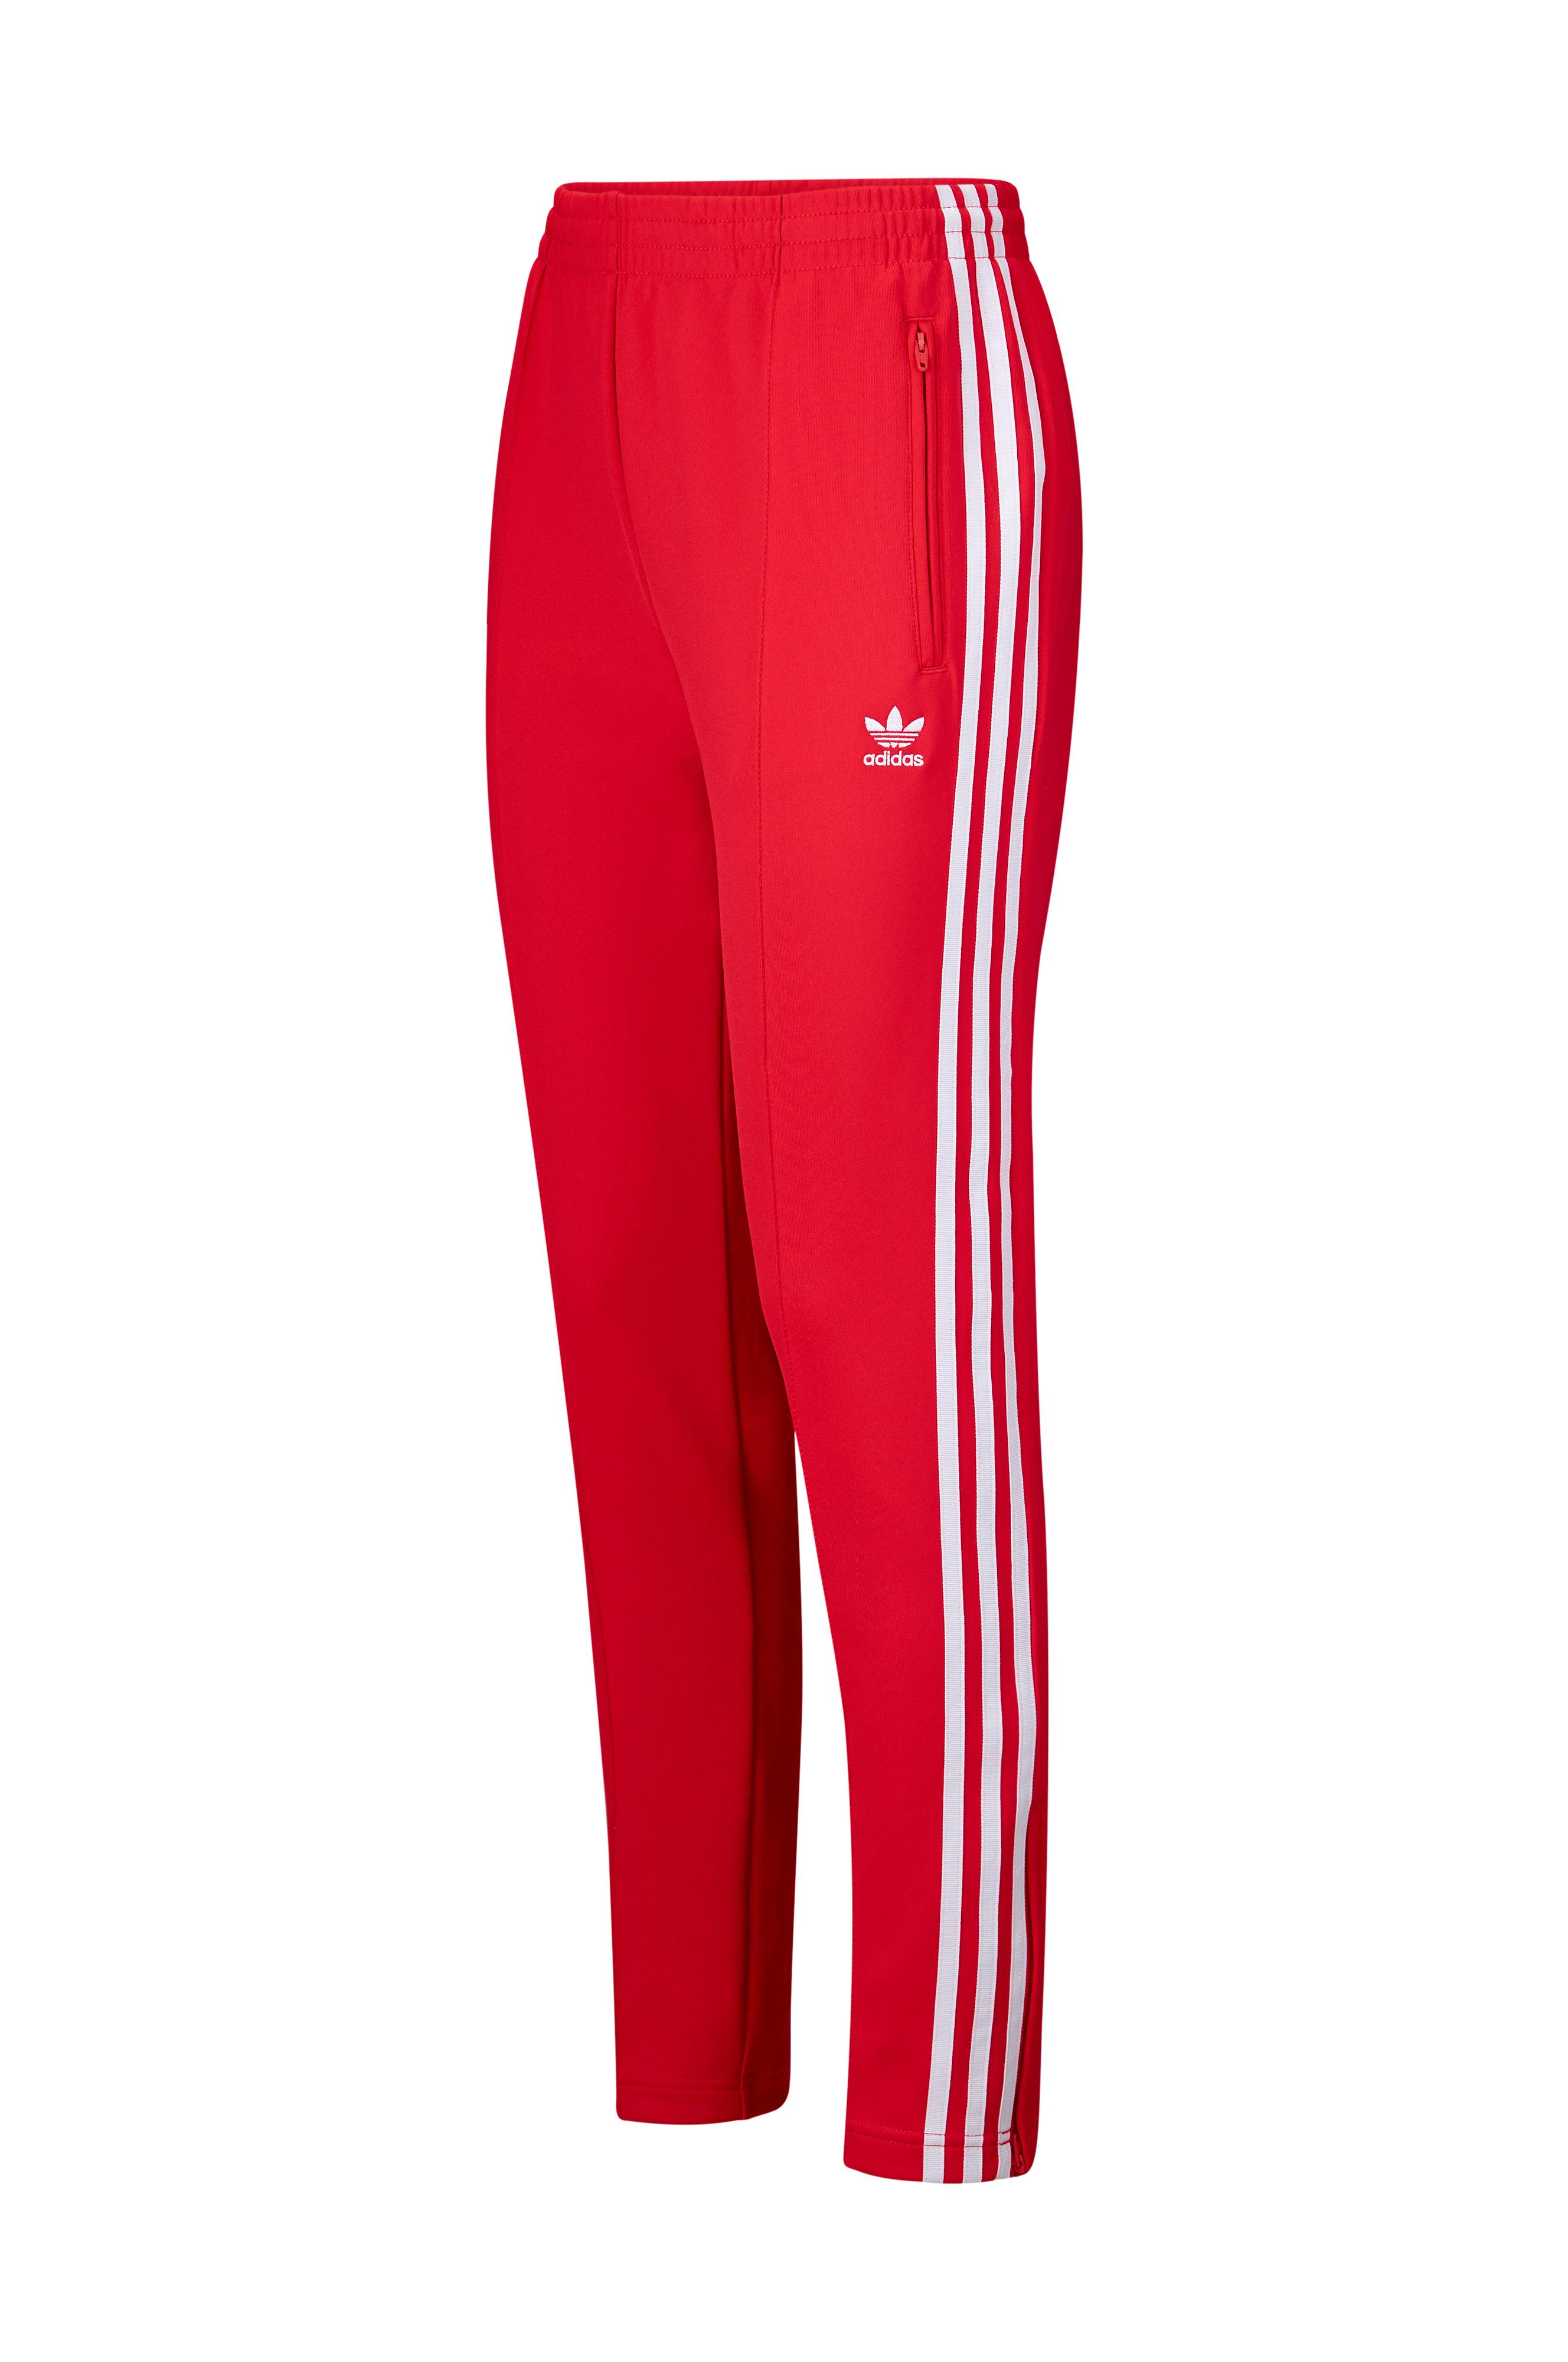 detaljhandelspriser fantastiskt urval snygga skor adidas Originals Träningsbyxor SST Track Pants - Röd - Dam - Ellos.se